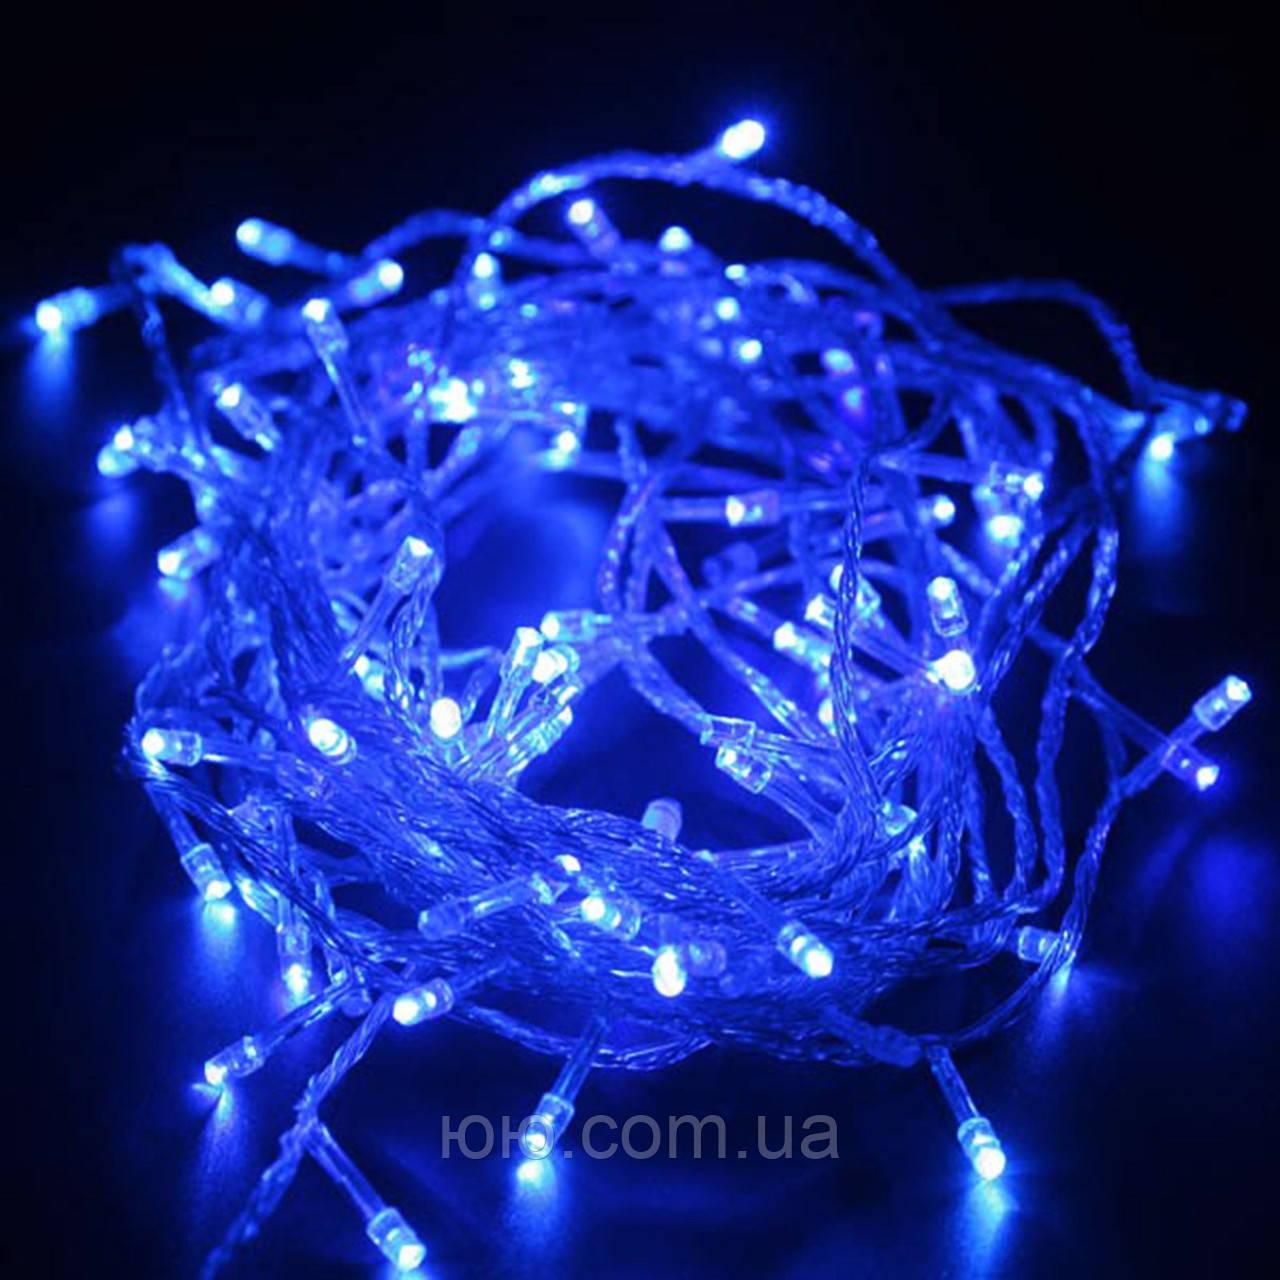 Новогодняя светодиодная гирлянда 300 B-2 синяя 300Led